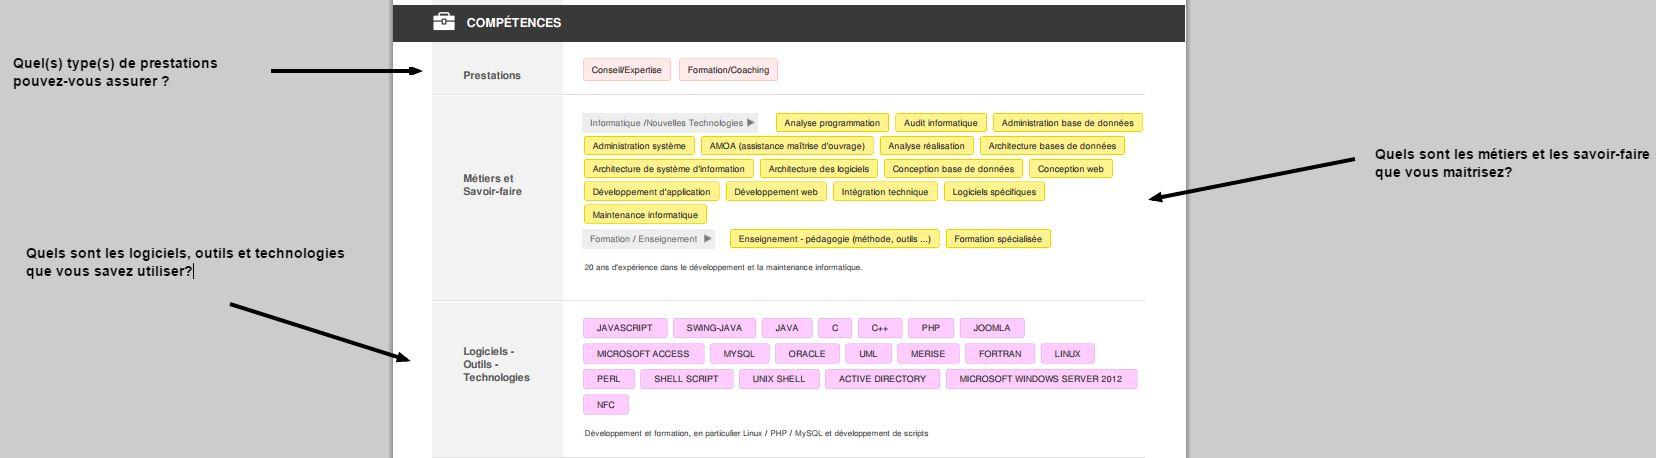 """bien remplir la section """"compétences"""" permet de mieux configurer les alertes d'offres de mission que vous recevrez"""